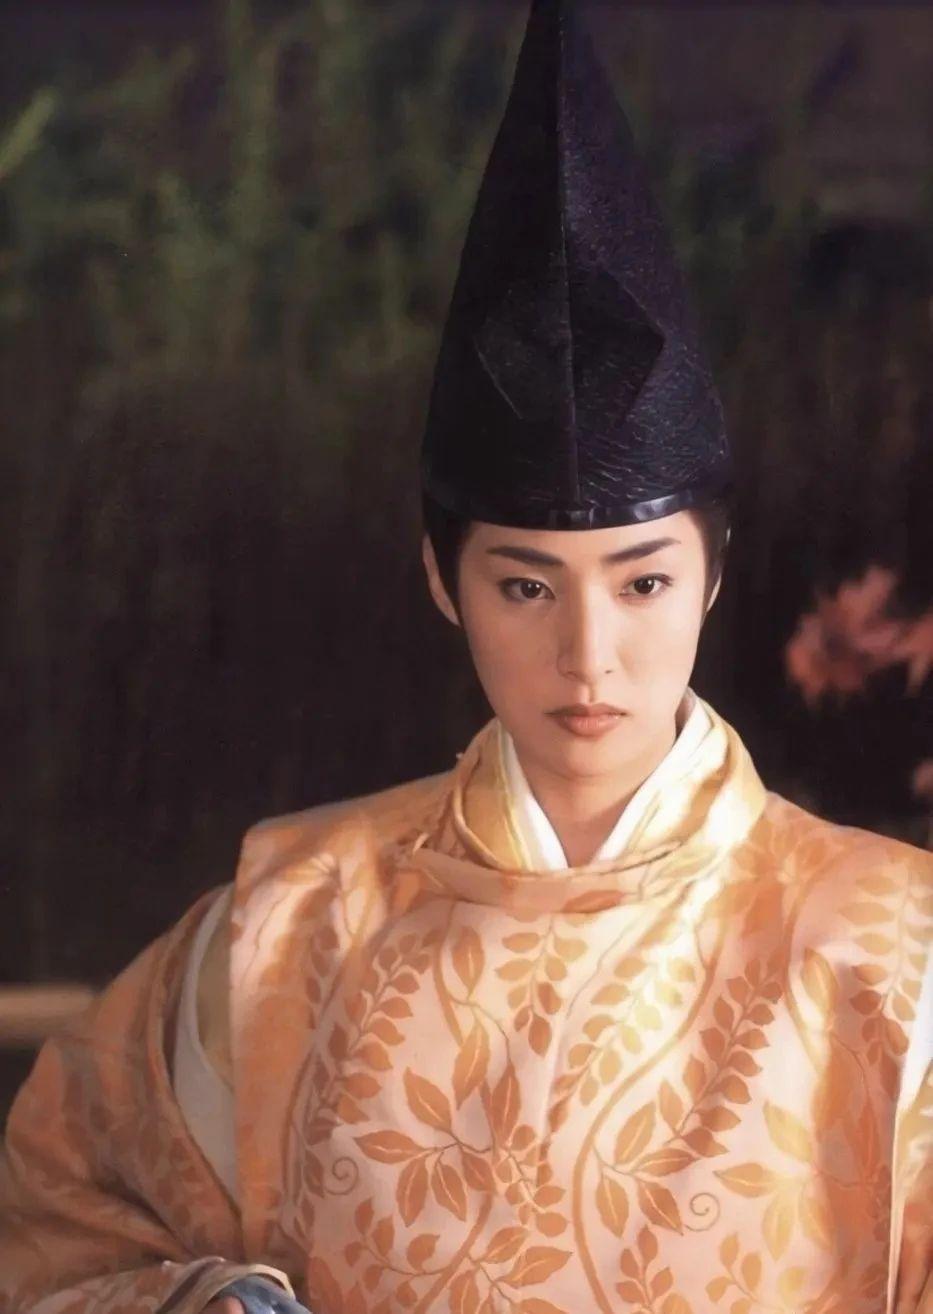 秉持不结婚的气质女王天海祐希这么多年依旧独立且头脑清醒 (7)